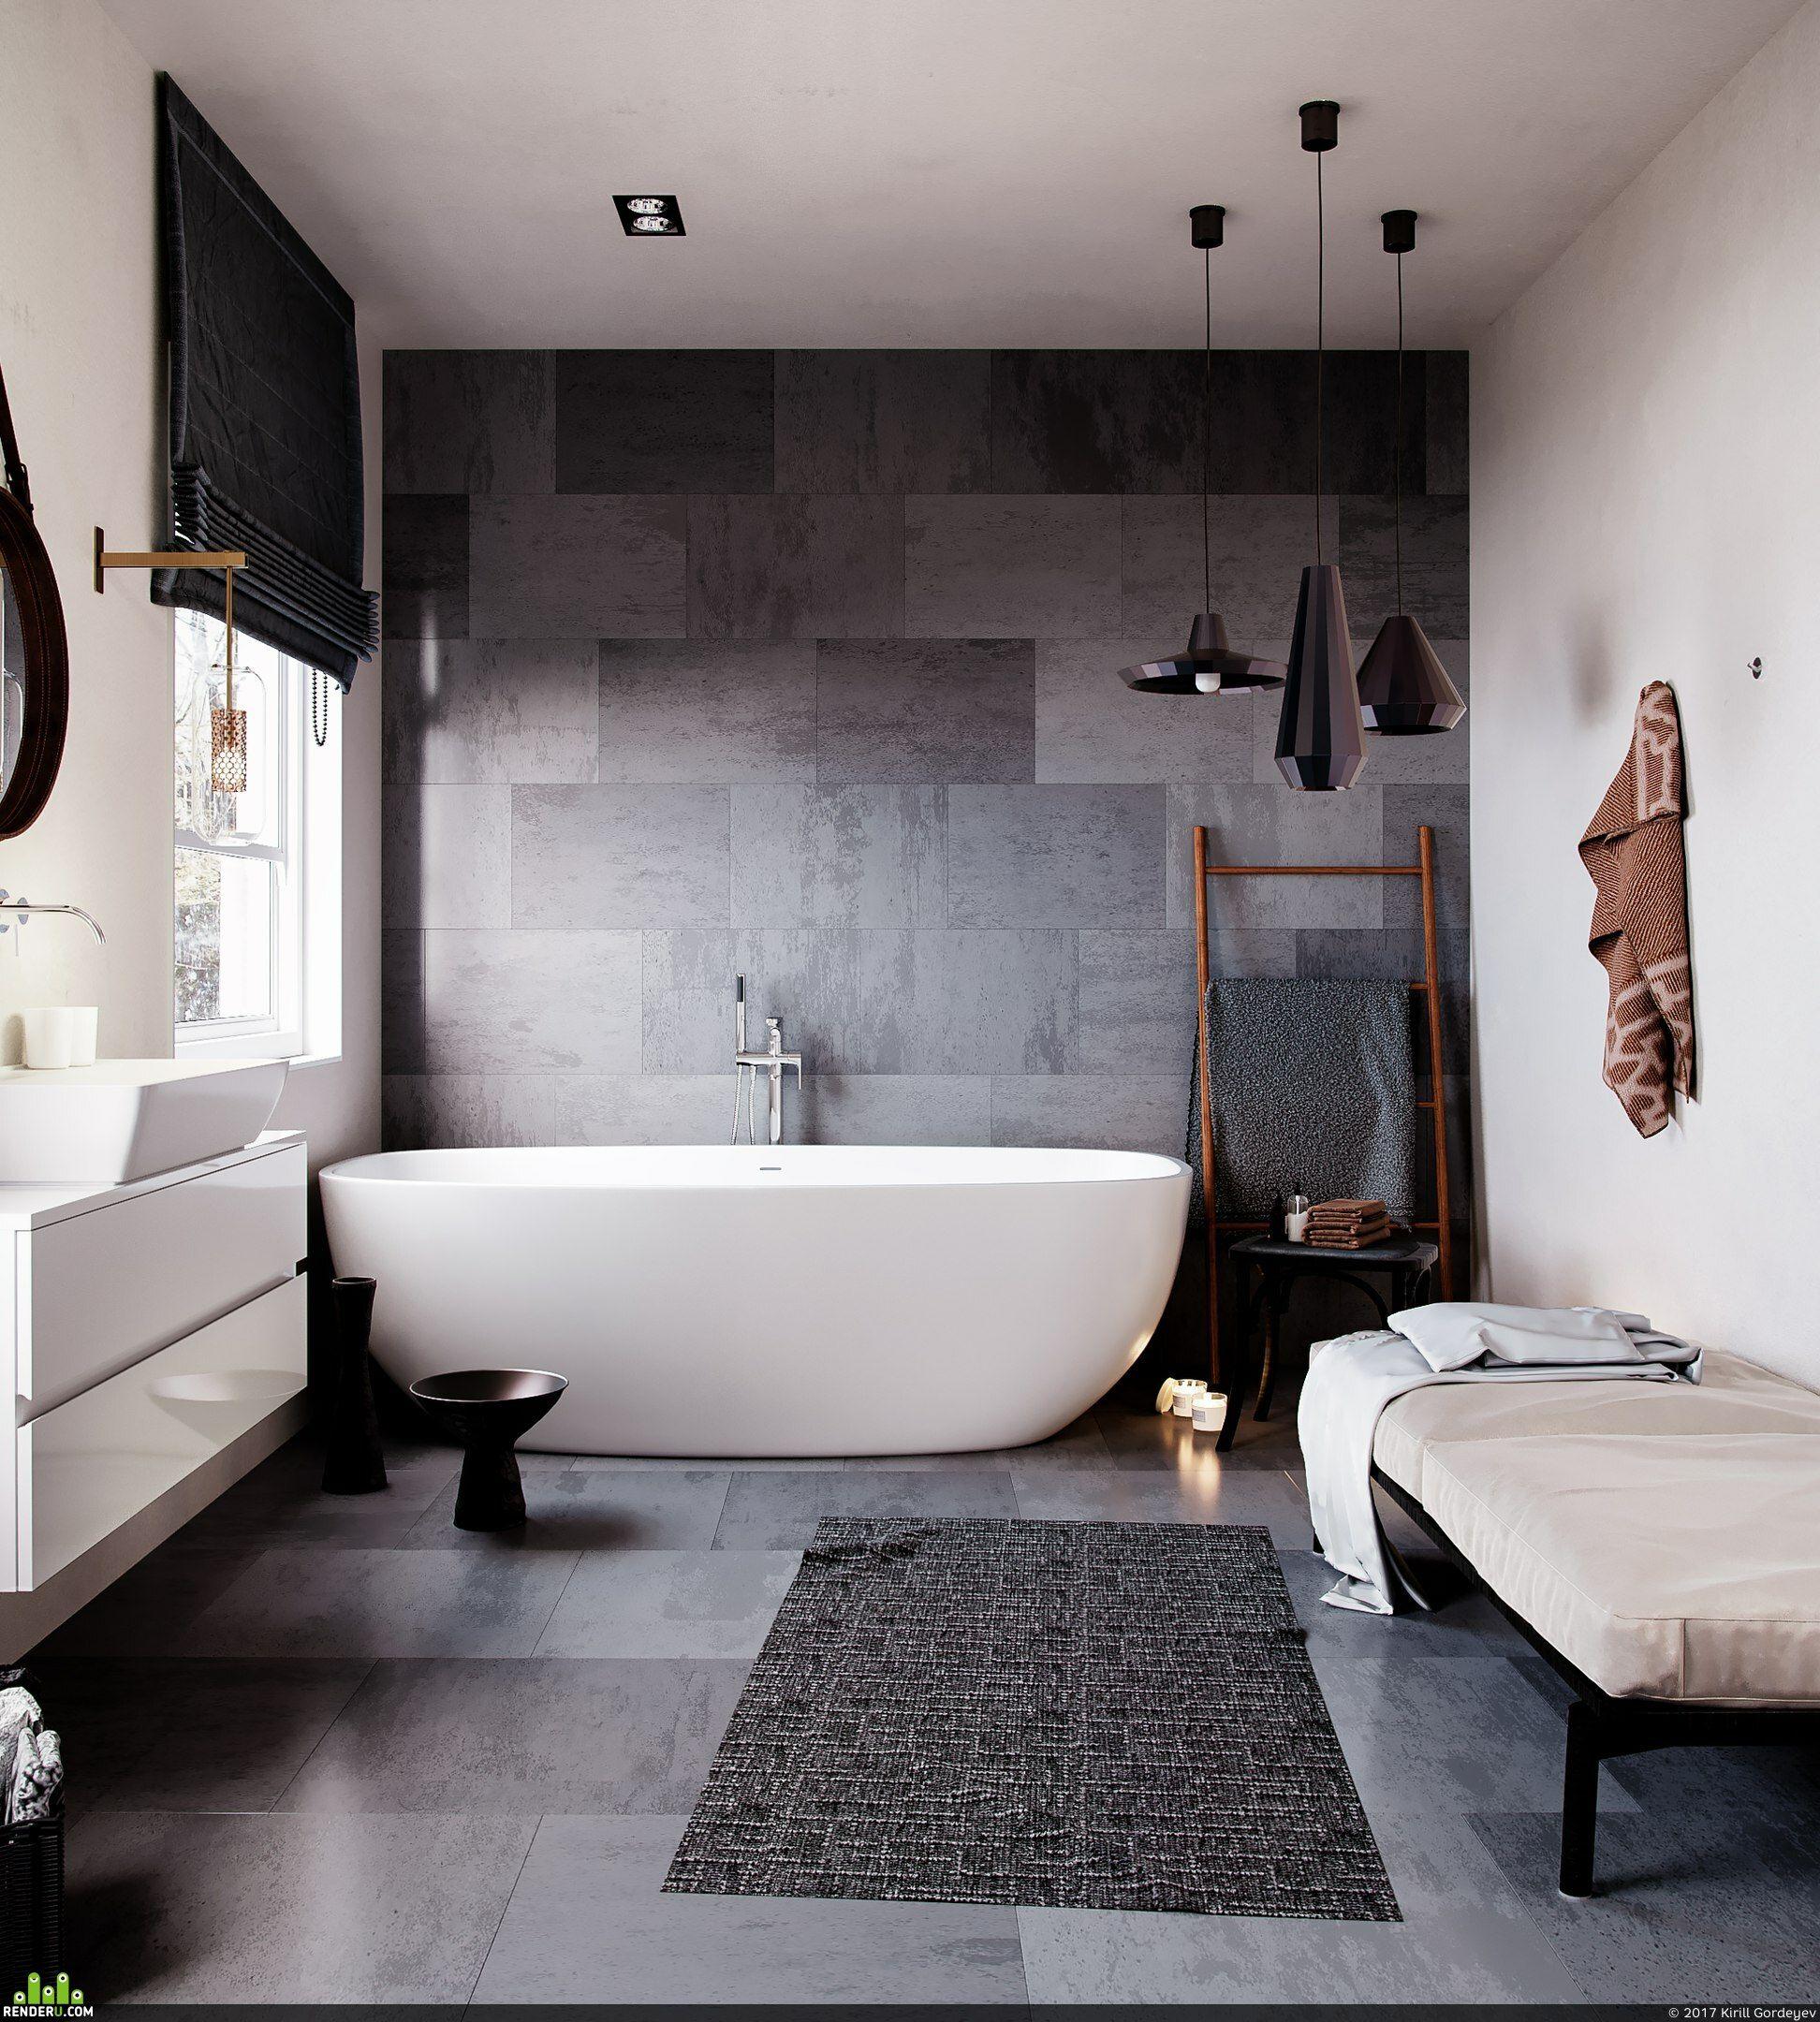 Boden Fliesen Teppich Wohnaccessoires Modern Badezimmer Grau Einrichten Ideen Wohntrends Innendesign Bathroo Badezimmer Grau Badezimmerboden Badezimmer